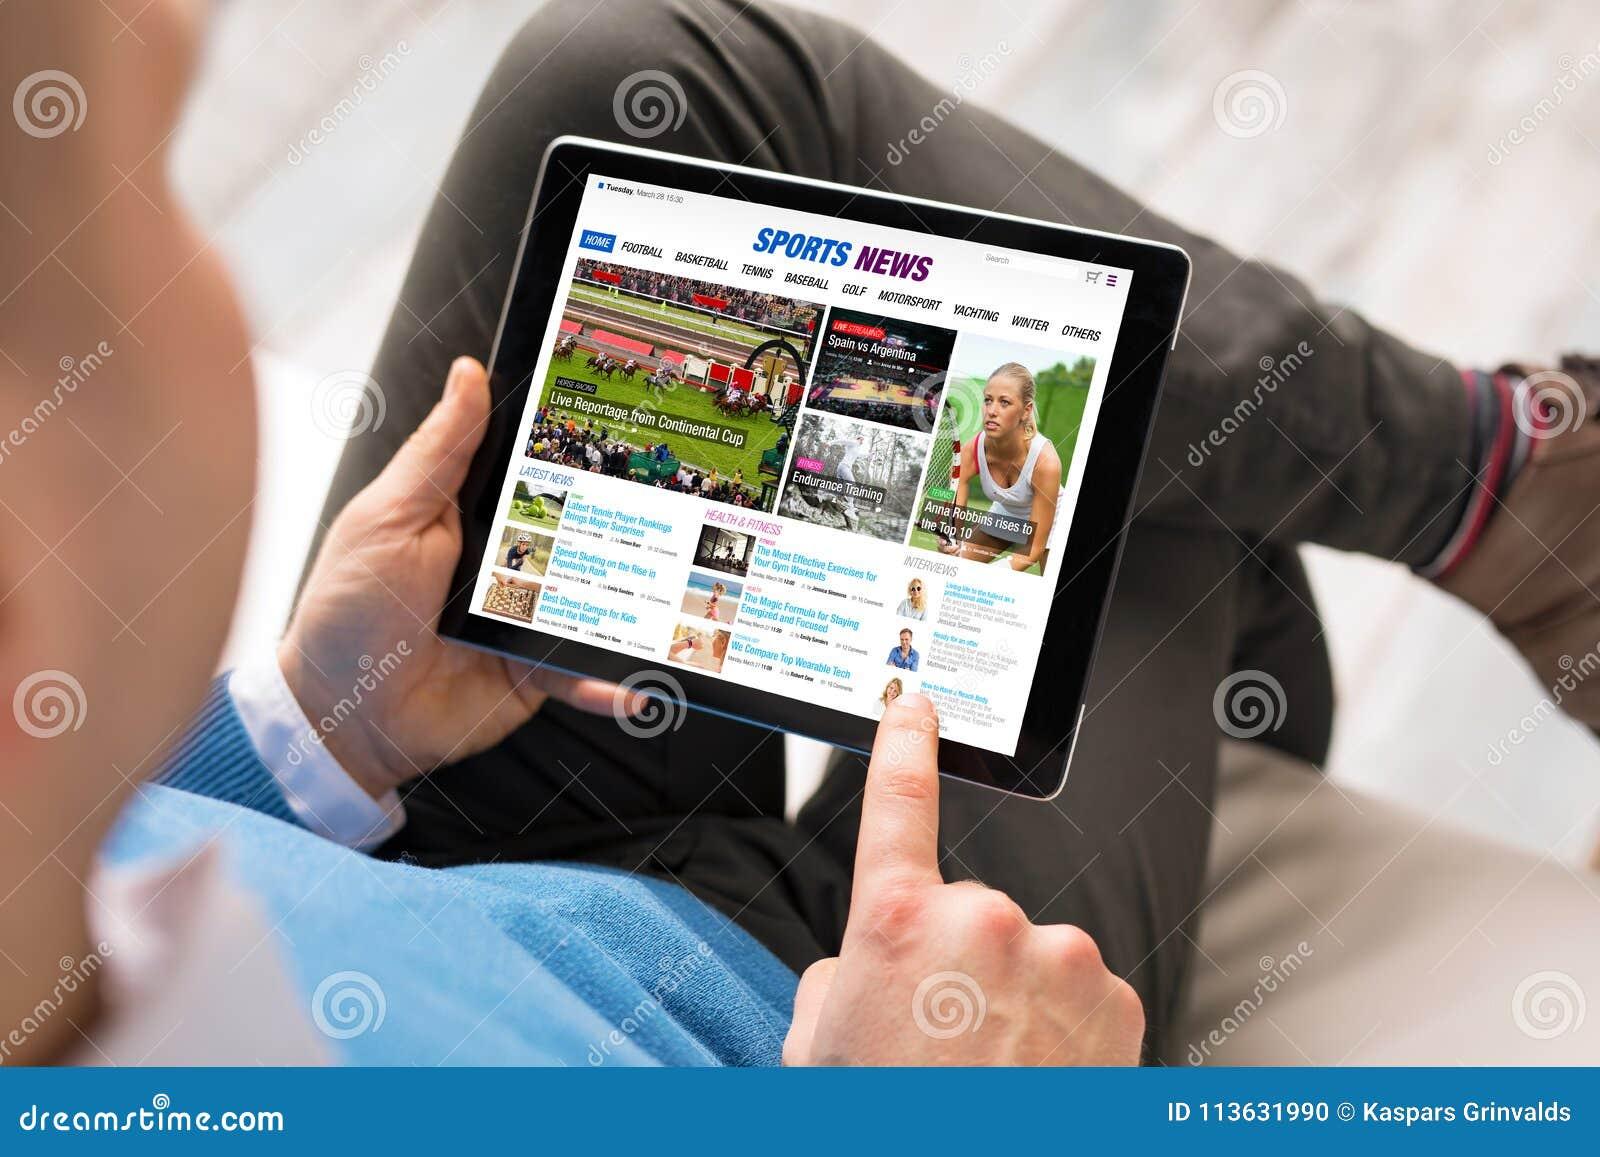 Αθλητικές ειδήσεις ανάγνωσης ατόμων στην ταμπλέτα Όλο το περιεχόμενο αποτελείται